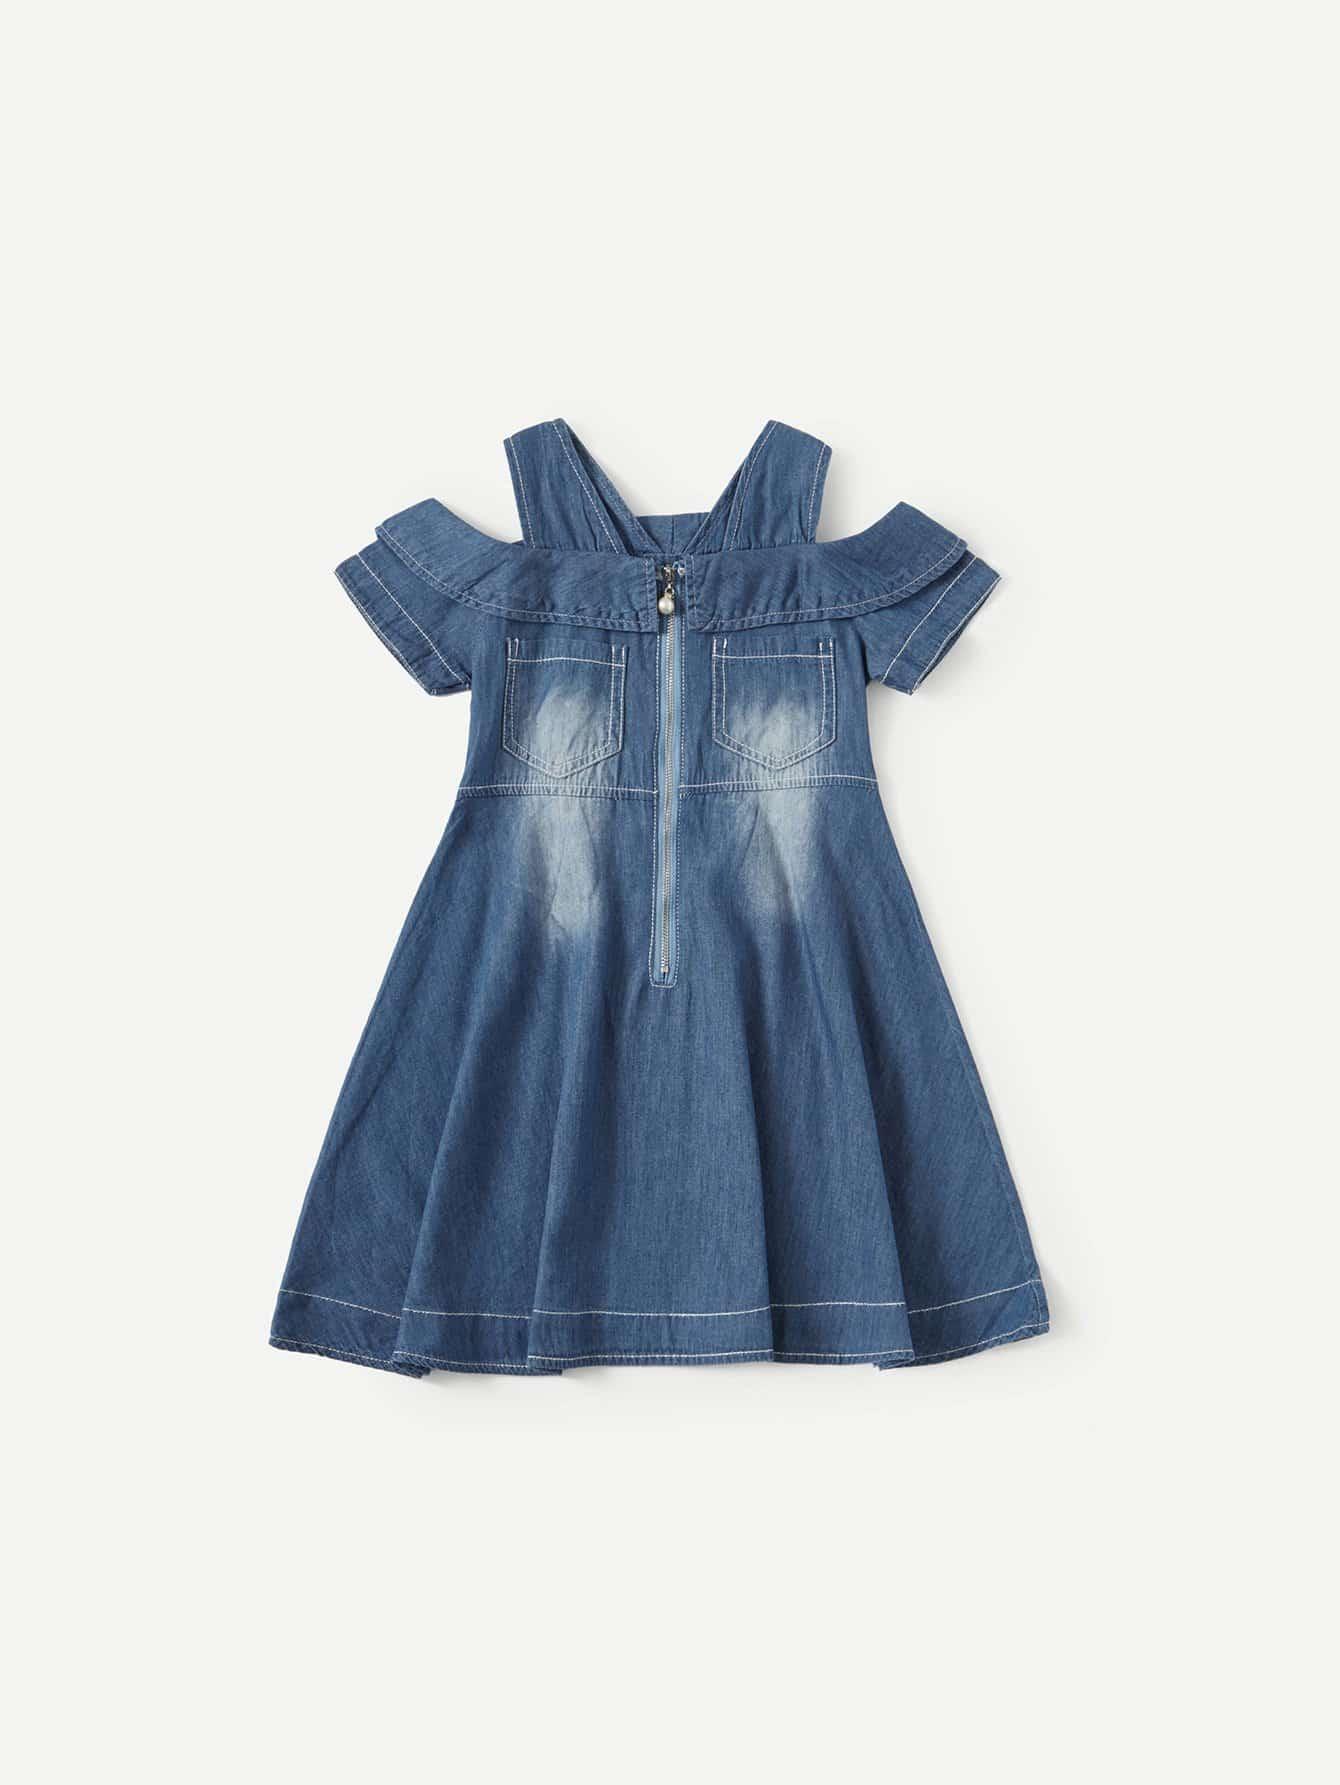 Купить Открытое Джинсовое платье с плечом для детей, null, SheIn